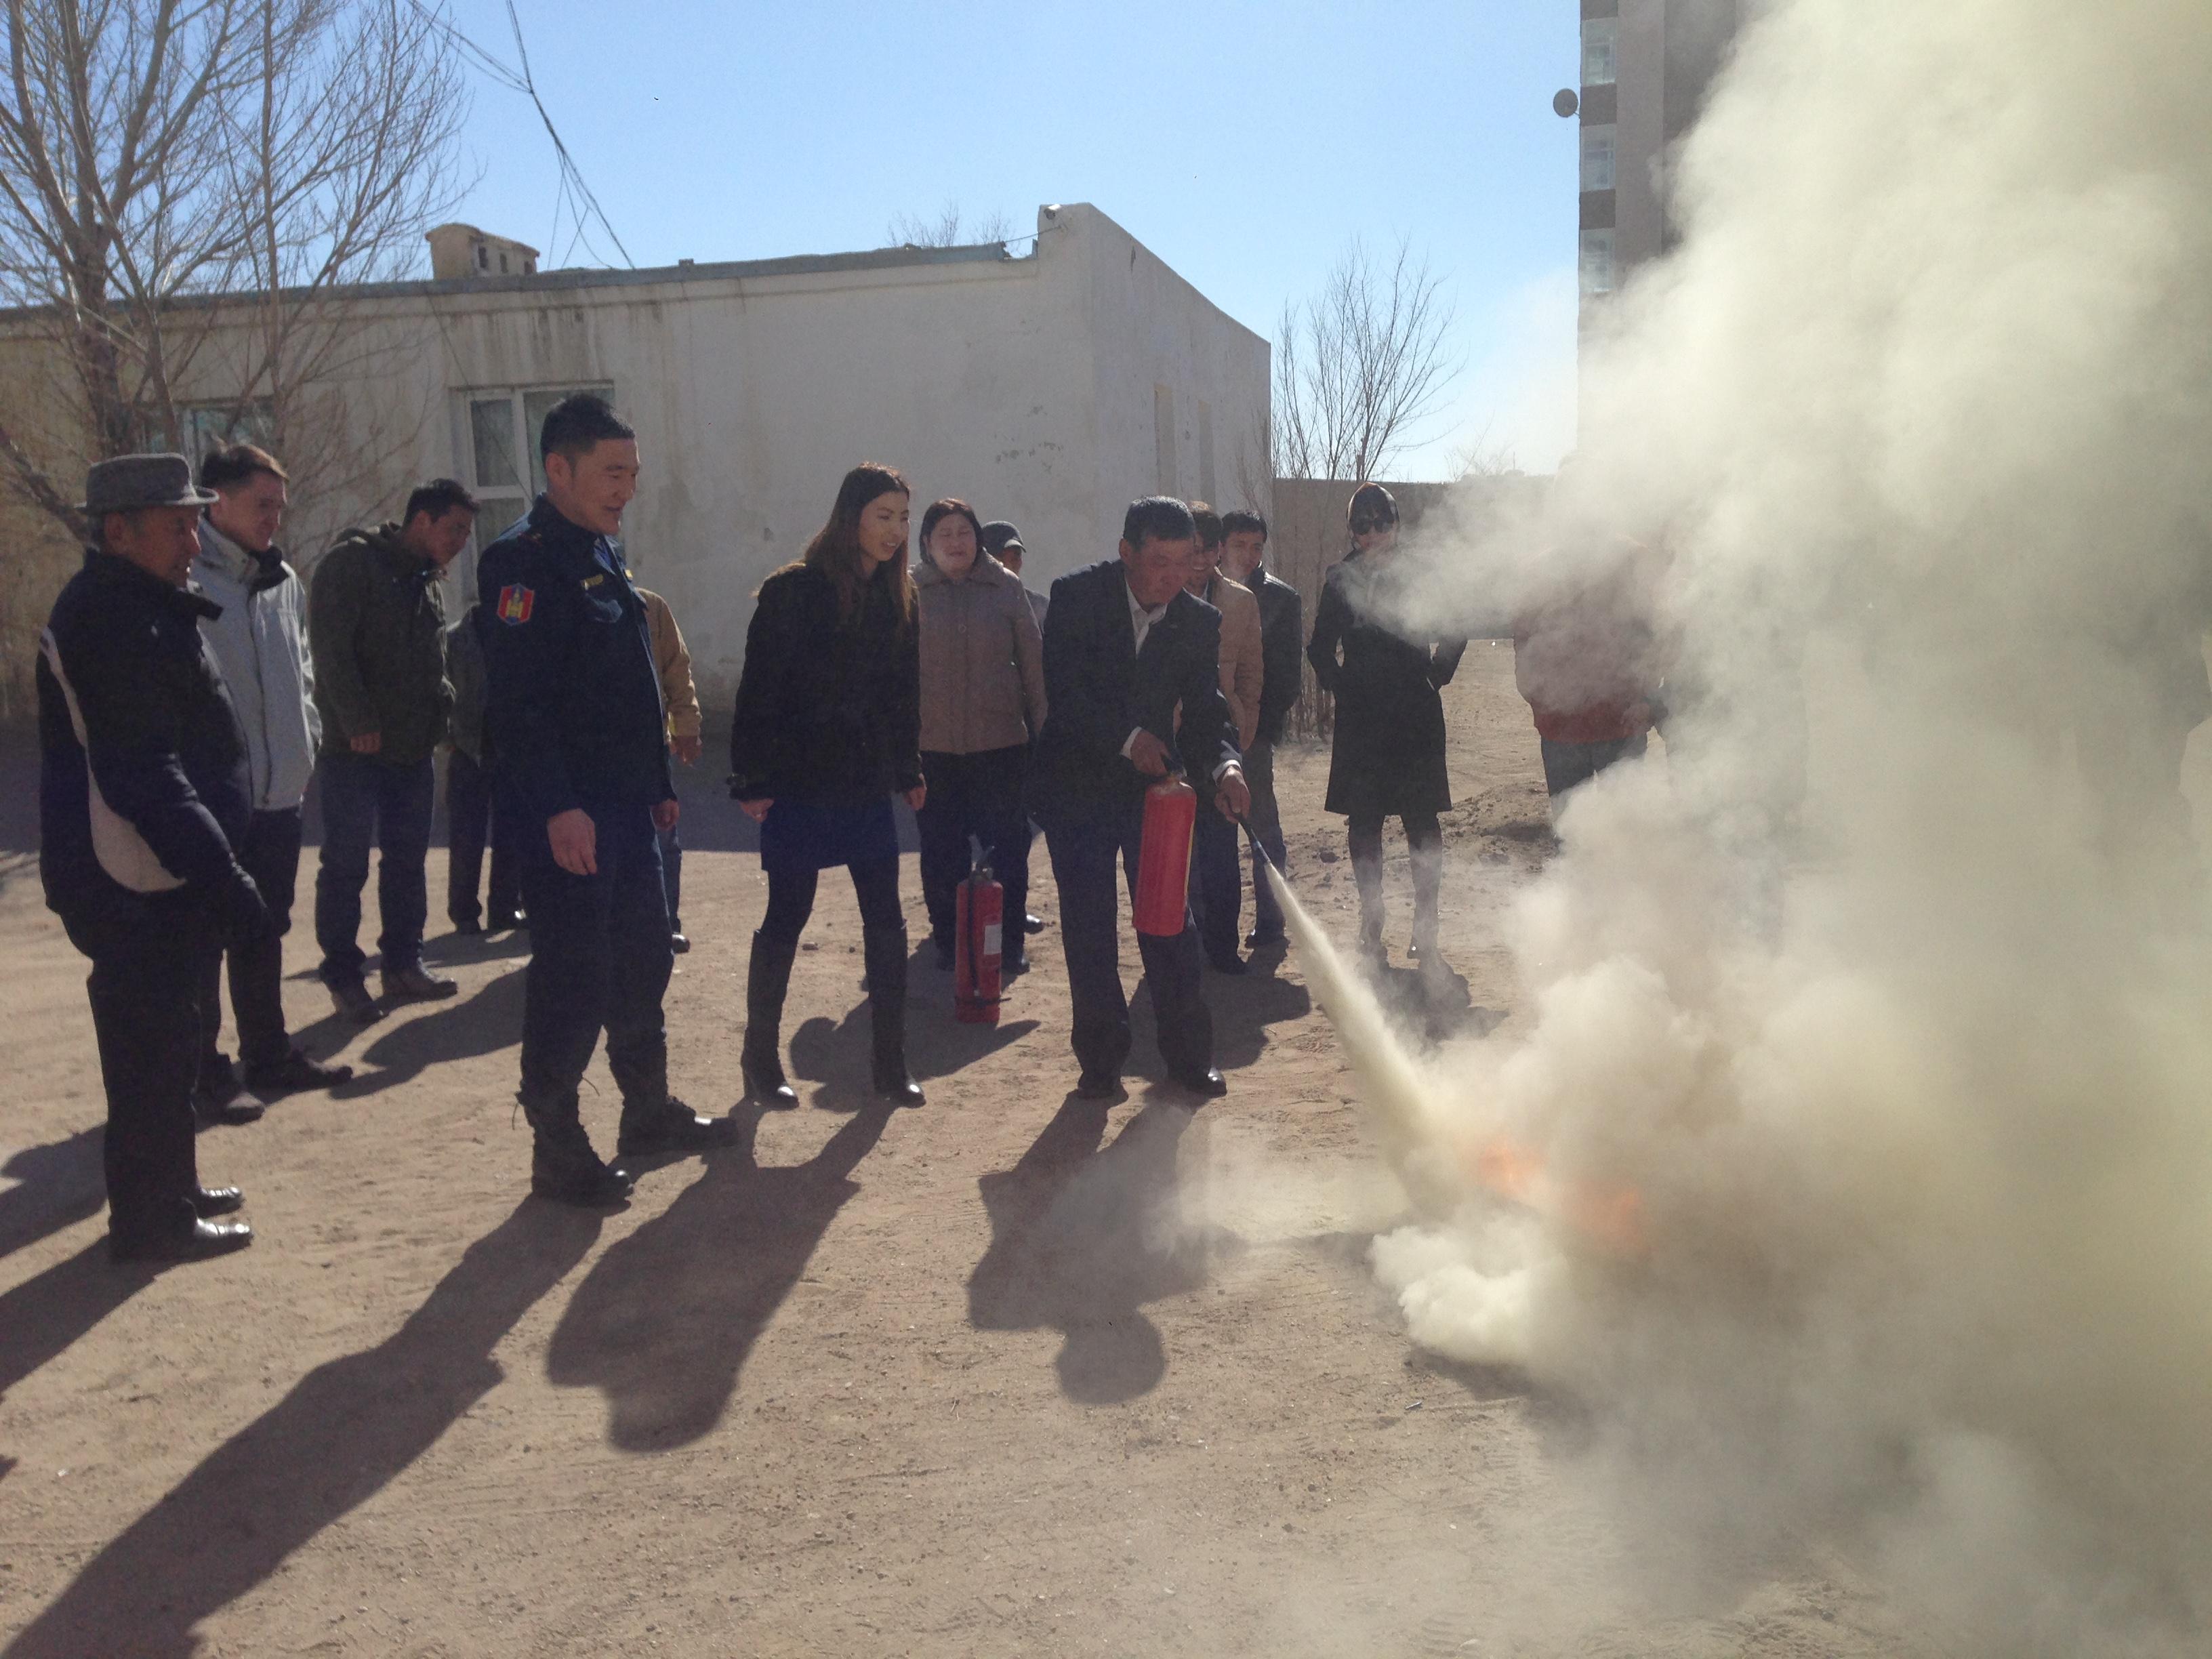 Мэдээлэл холбооны сүлжээ ТӨК-ны ажилчин албан хаагчдад гал түймэр, гамшиг осол, газар хөдлөлт сэдвээр сургалт зохион байгуулав